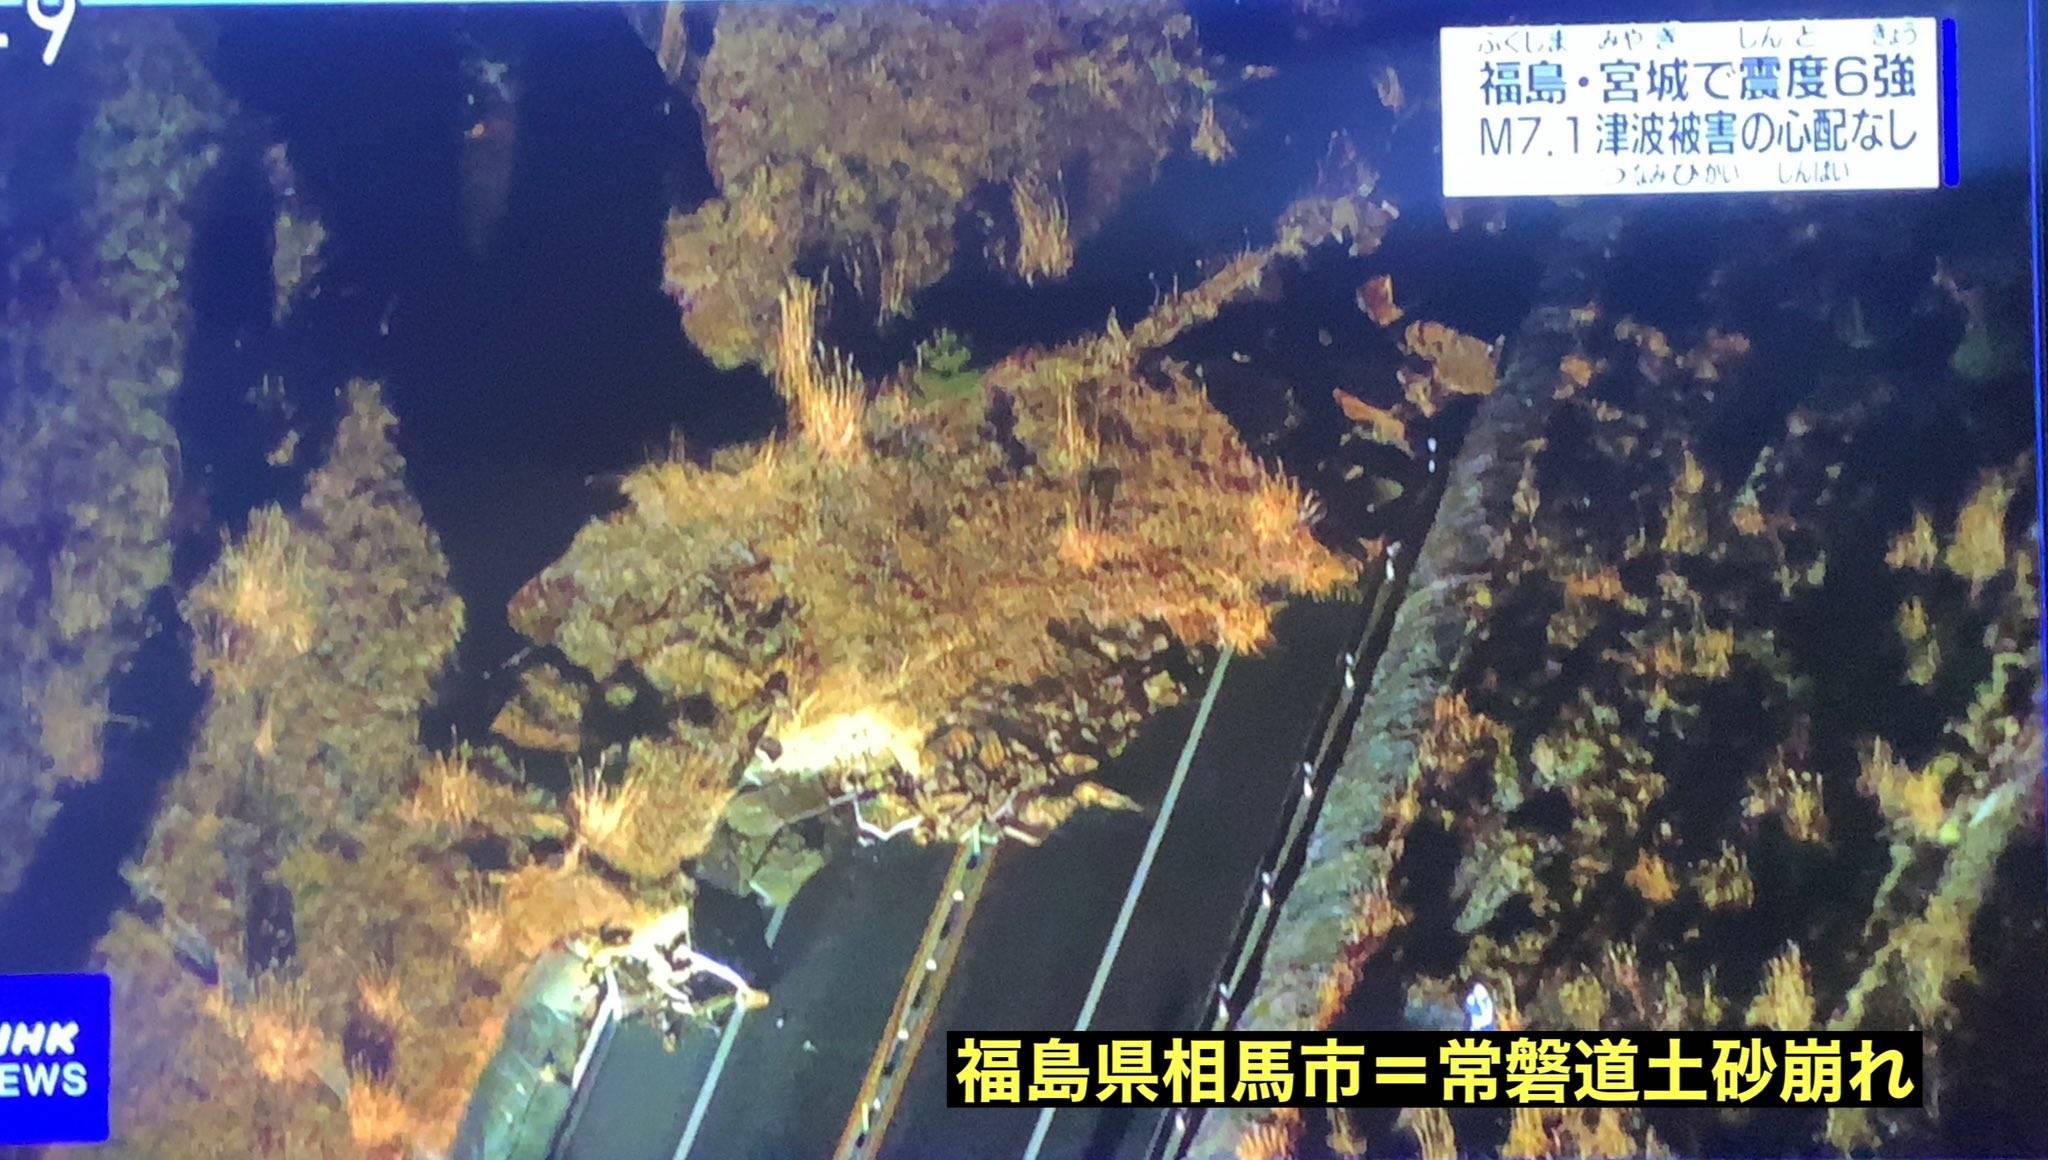 日本黄区免费视频播放_18出禁止看的啪视频网站_暖暖影院在线播放视频